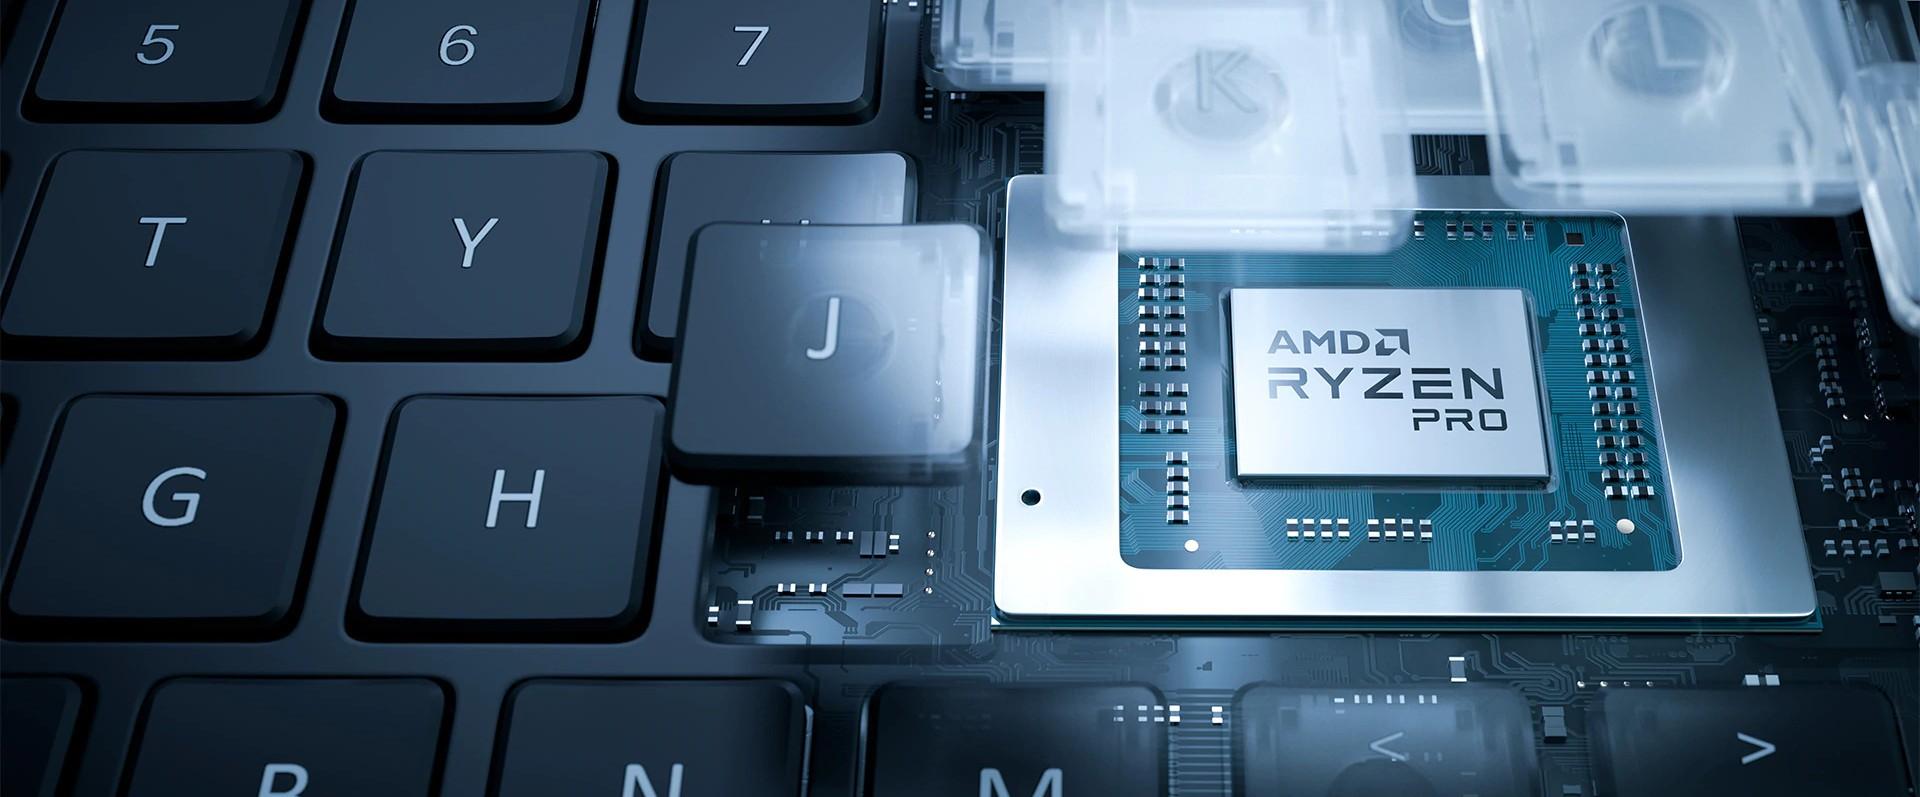 Bộ xử lý AMD PRO được thiết kế cho chất lượng